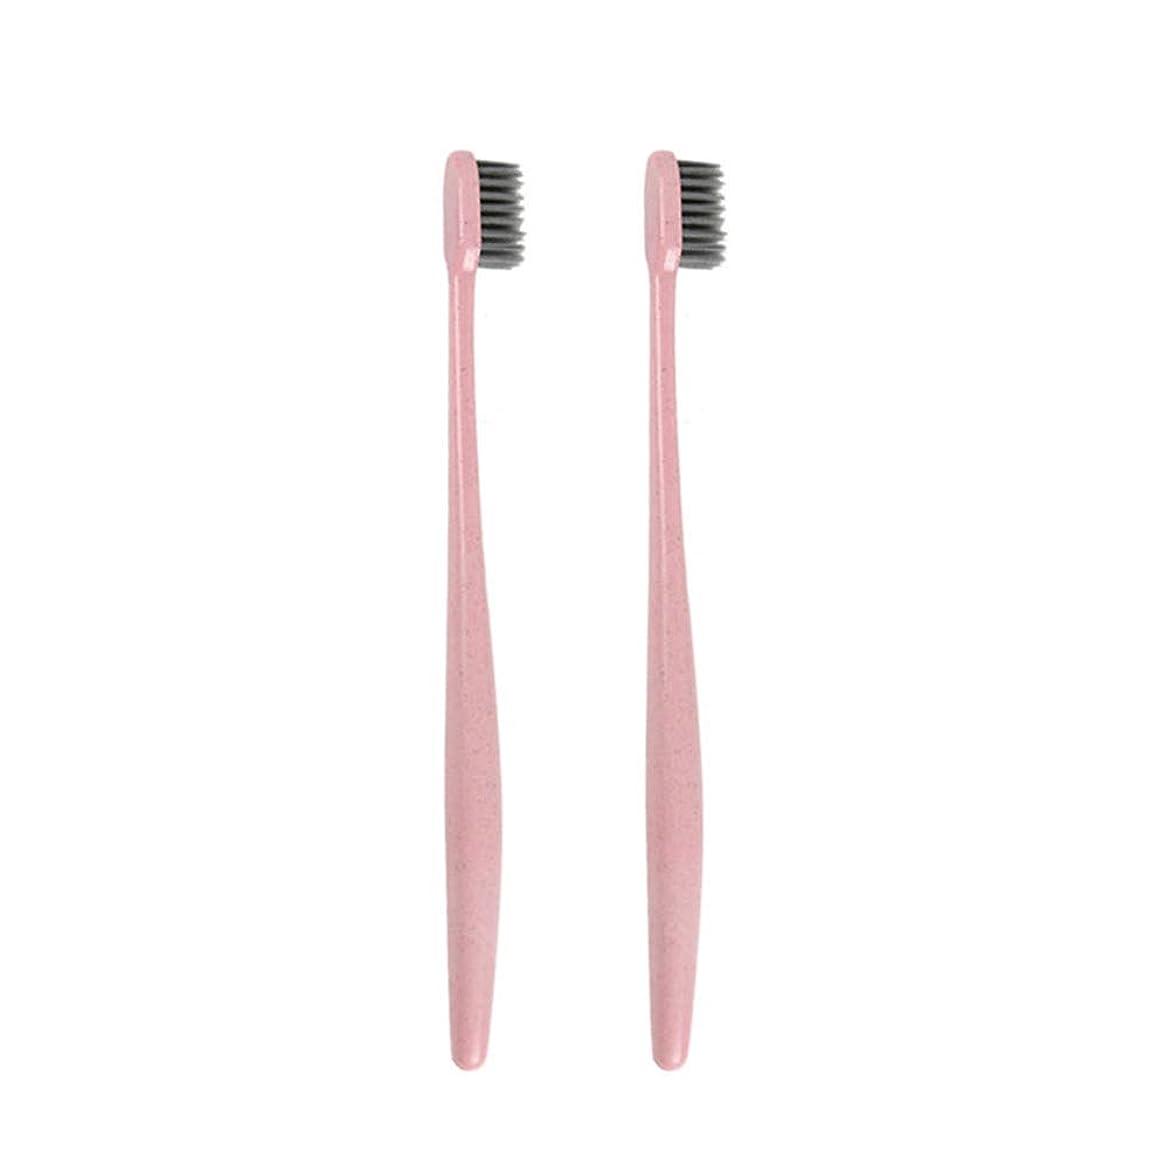 名詞手がかり血統TOPBATHY 子供と大人のための2本の柔らかい歯ブラシ天然竹炭歯ブラシ小さな頭の歯ブラシ(ピンク)